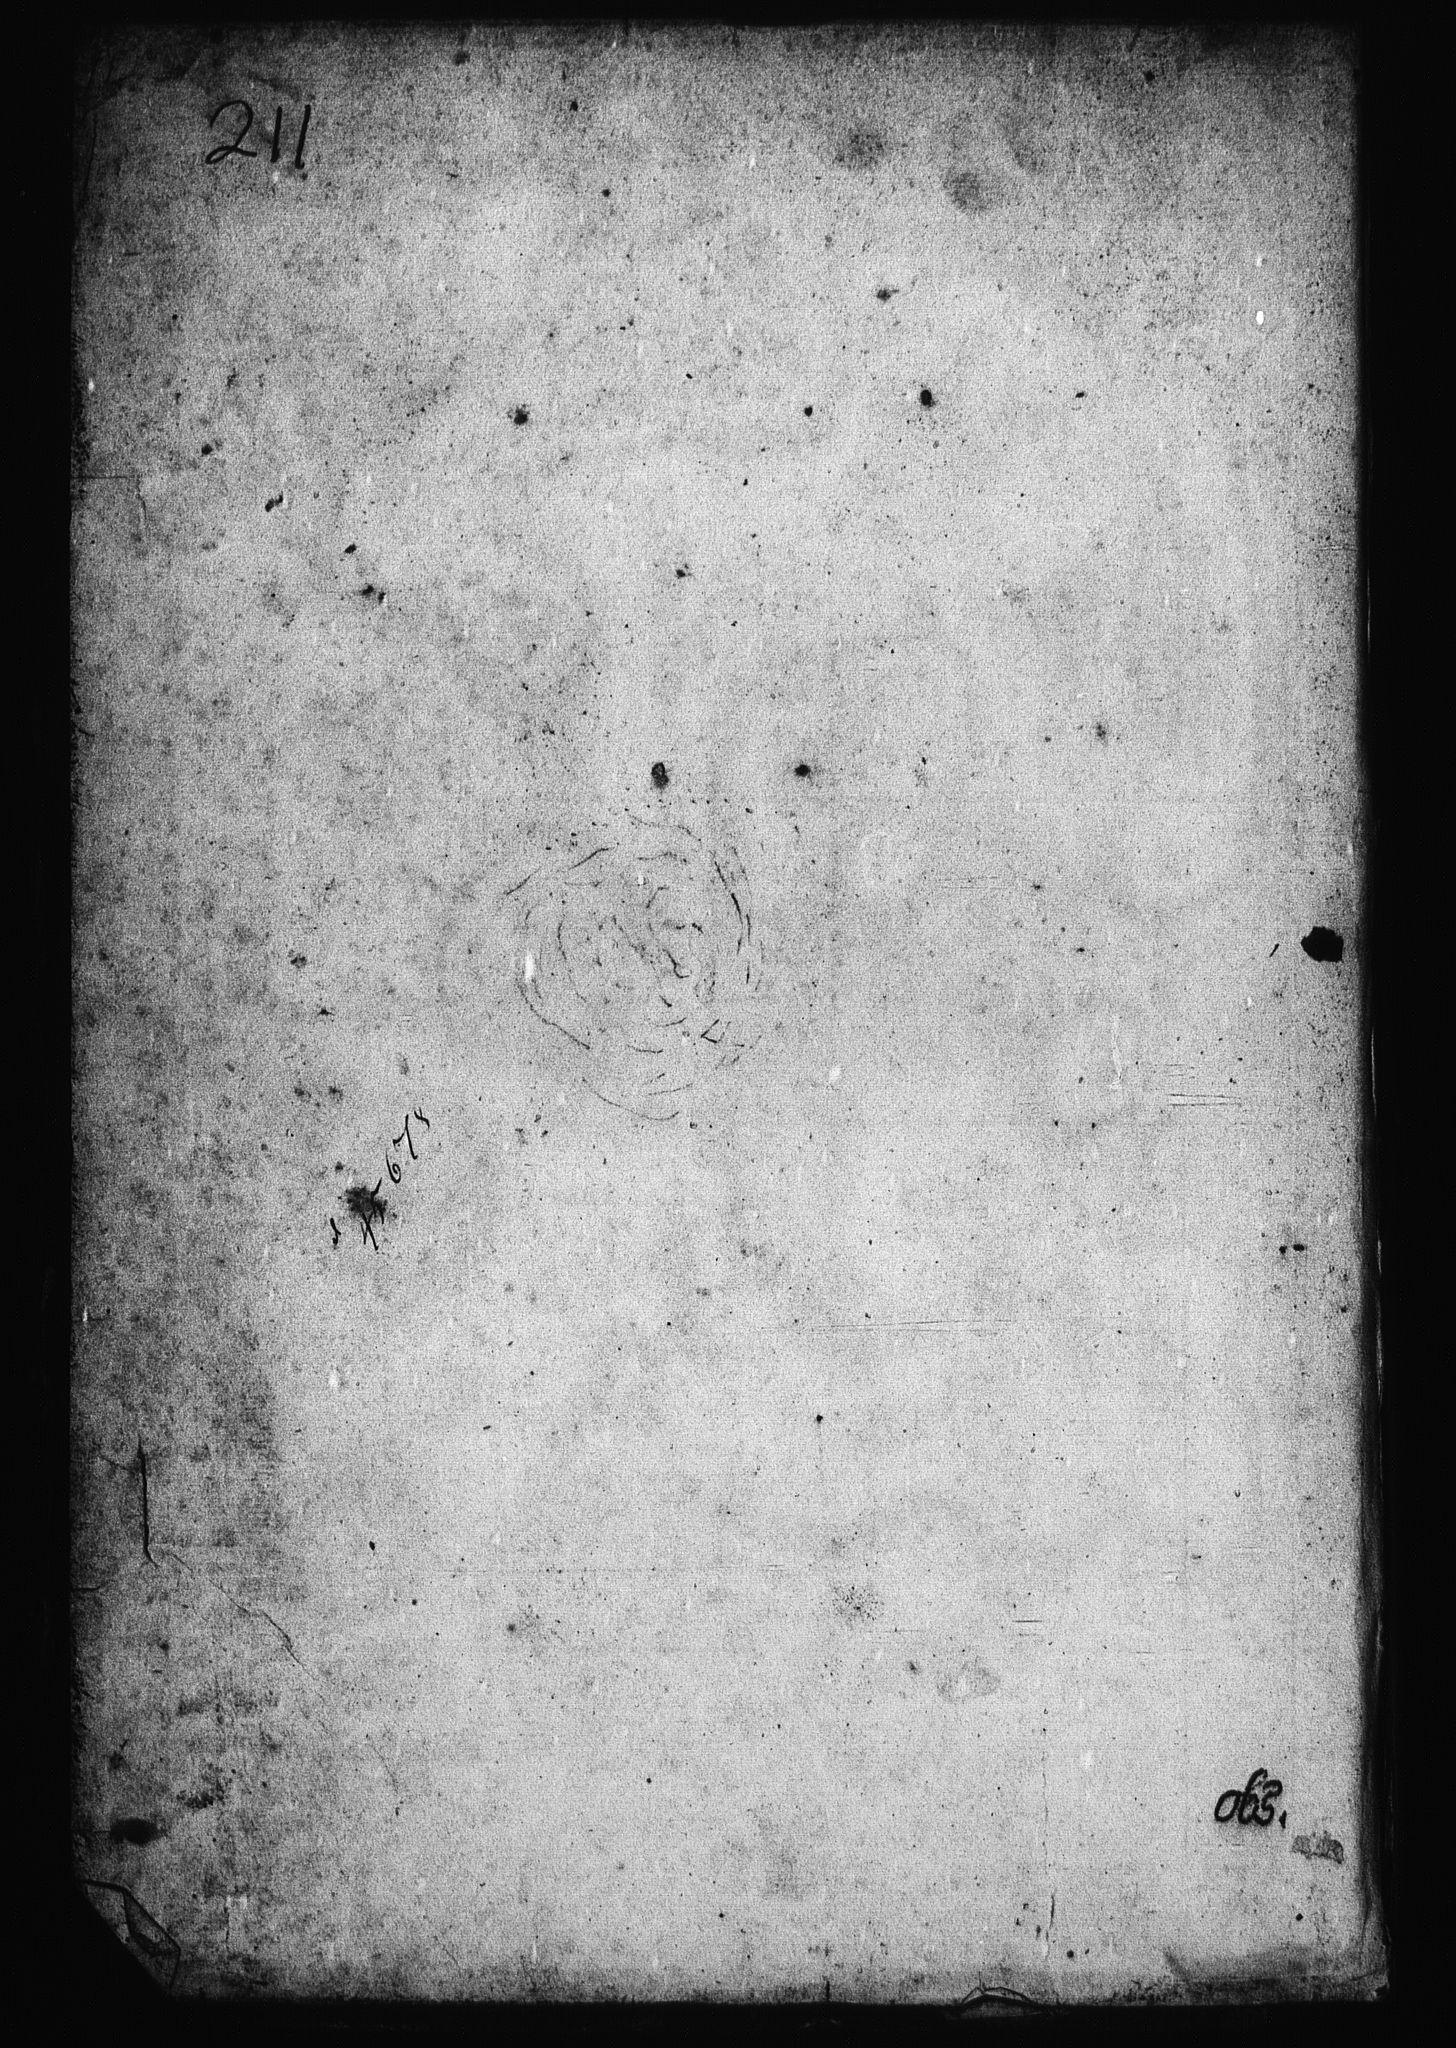 RA, Sjøetaten, F/L0212: Bergen stift, bind 1, 1789